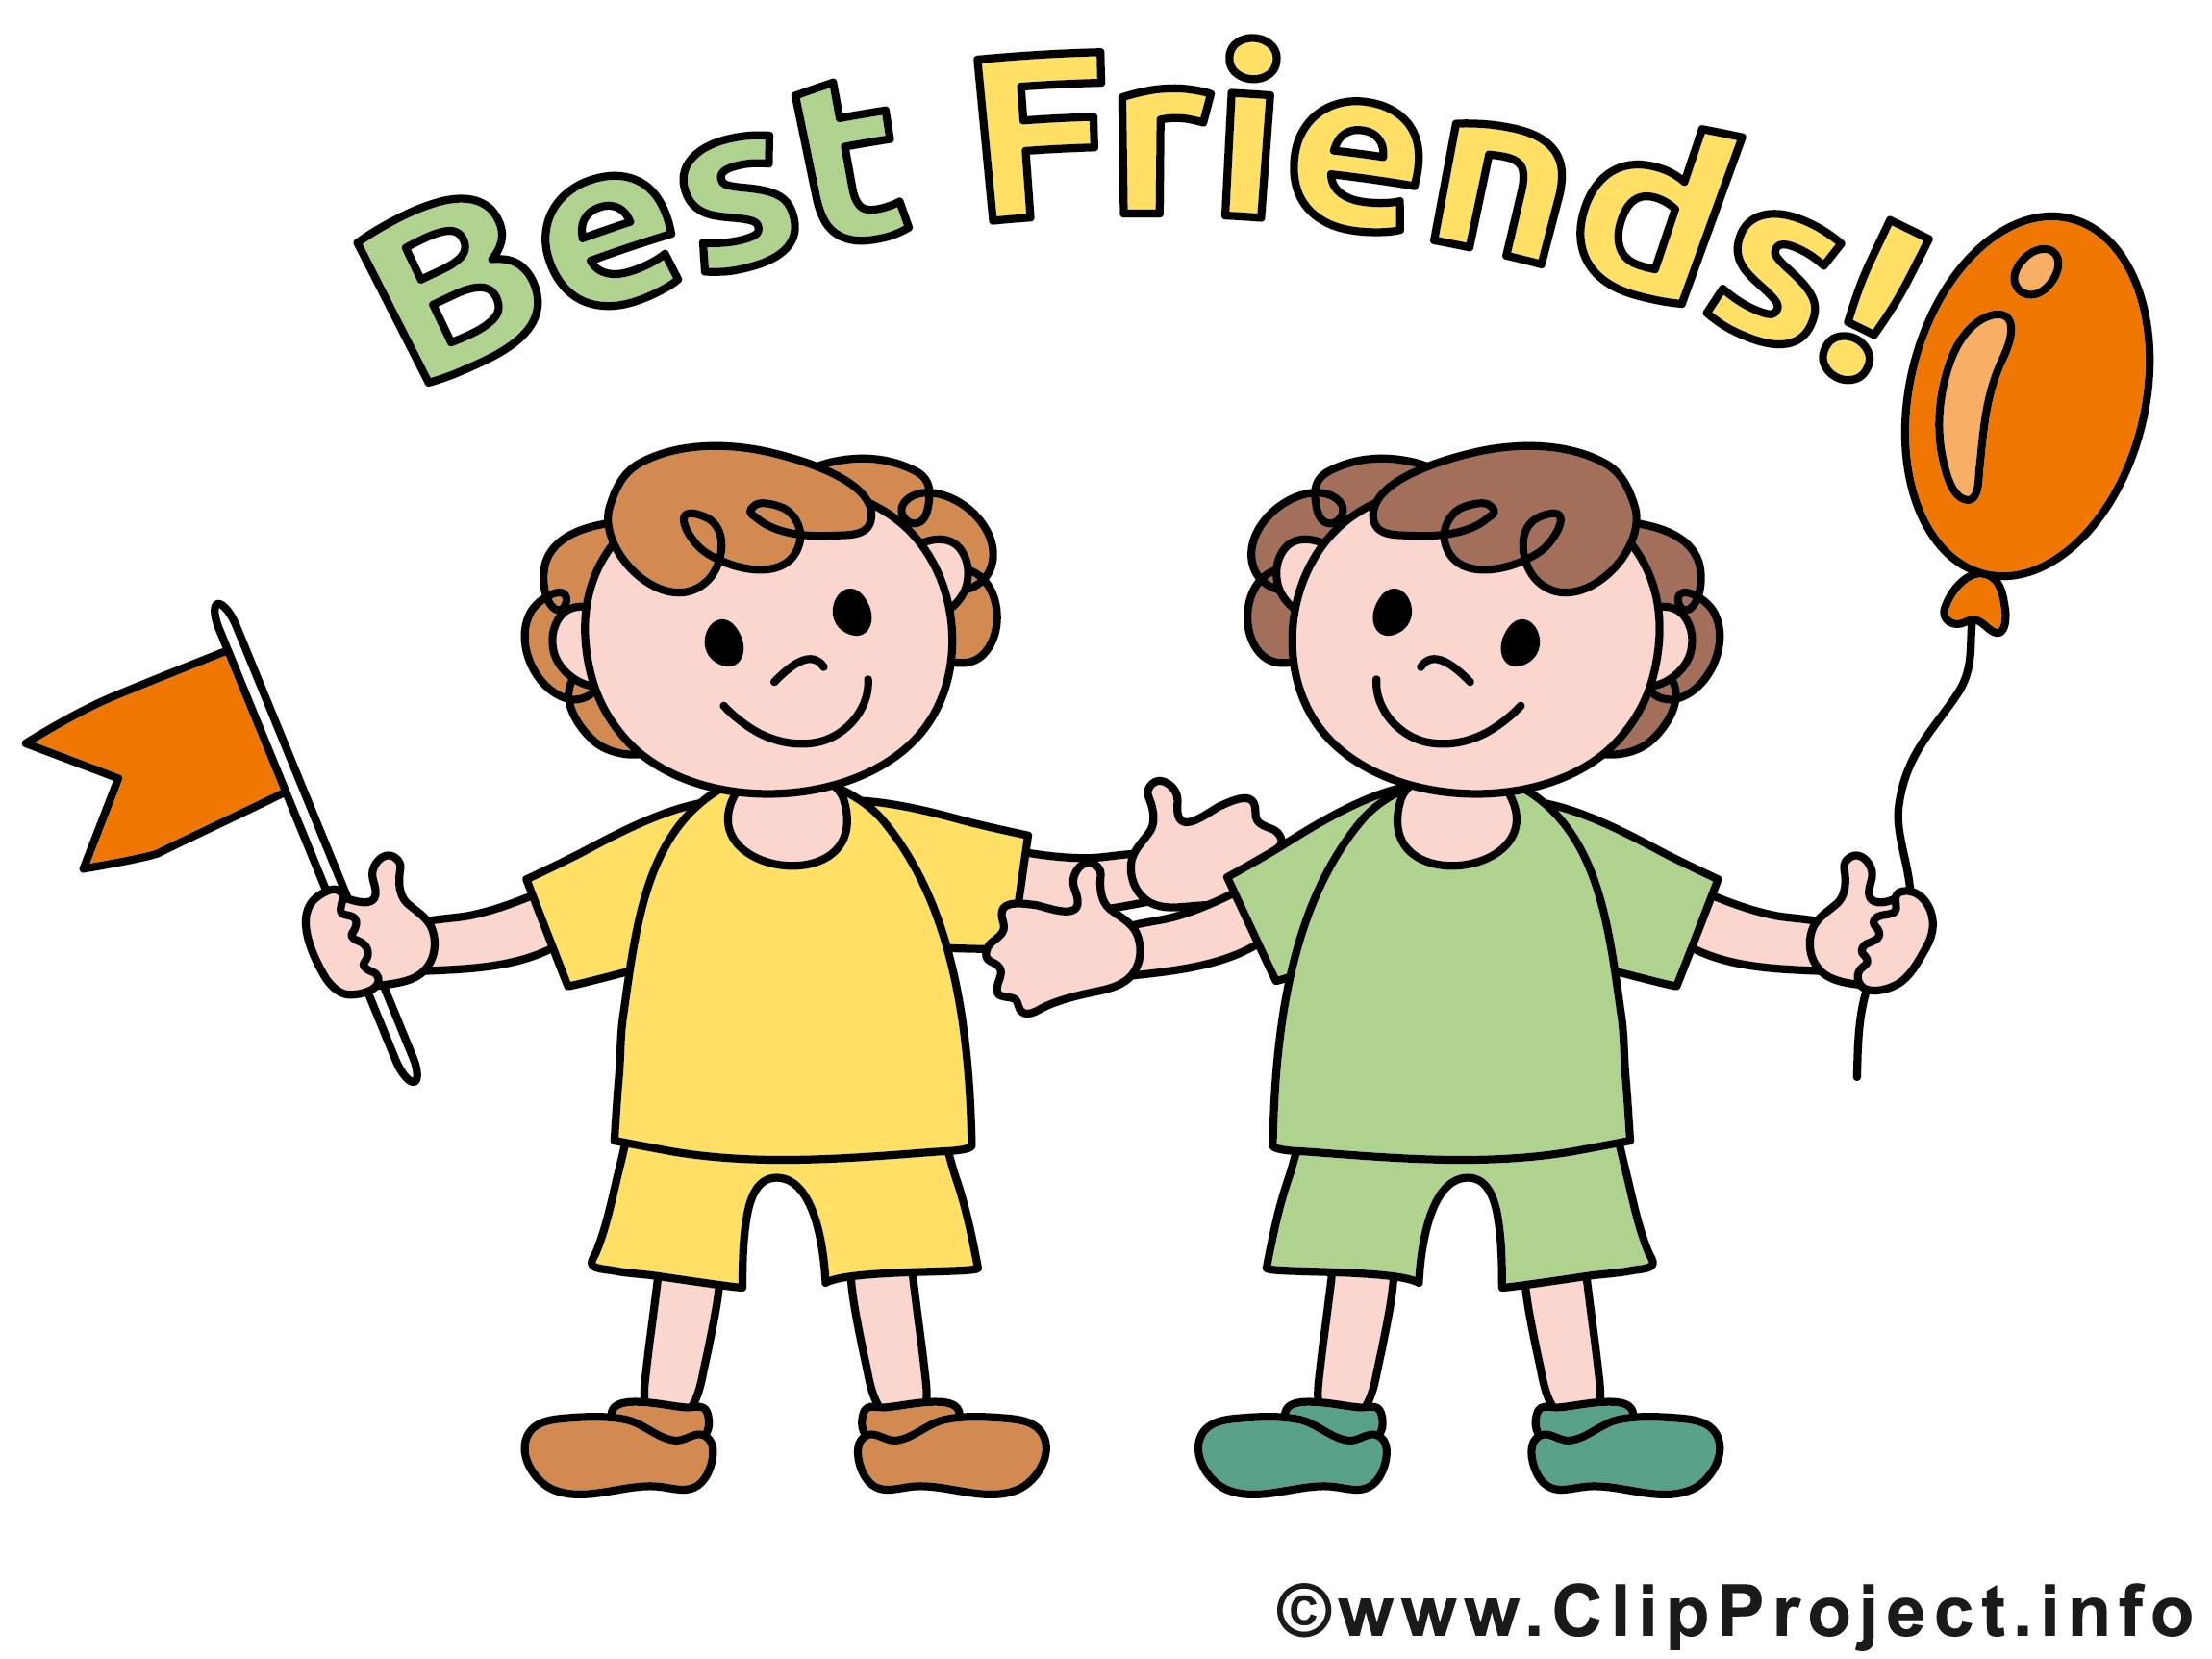 beste freunde text und bild bff clipart drawing bff birthday clipart